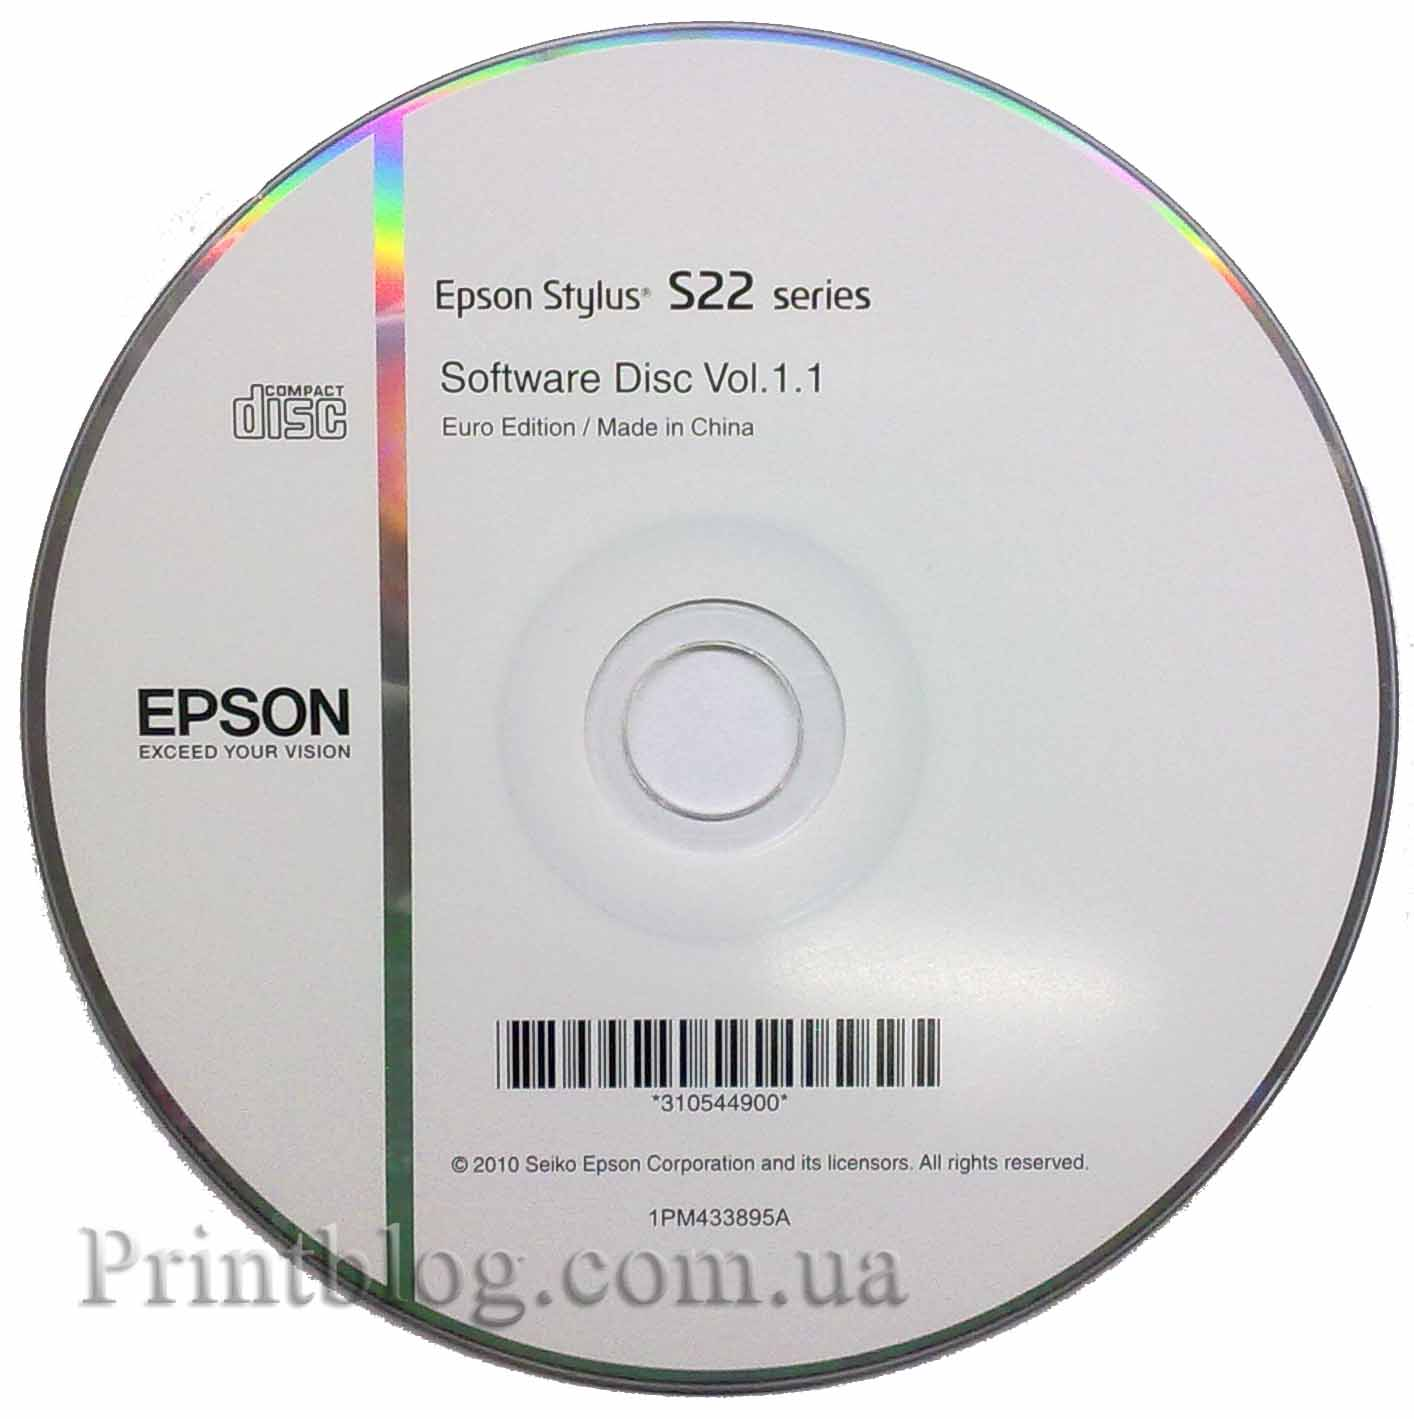 скачать драйвер для установки epson stylus s22